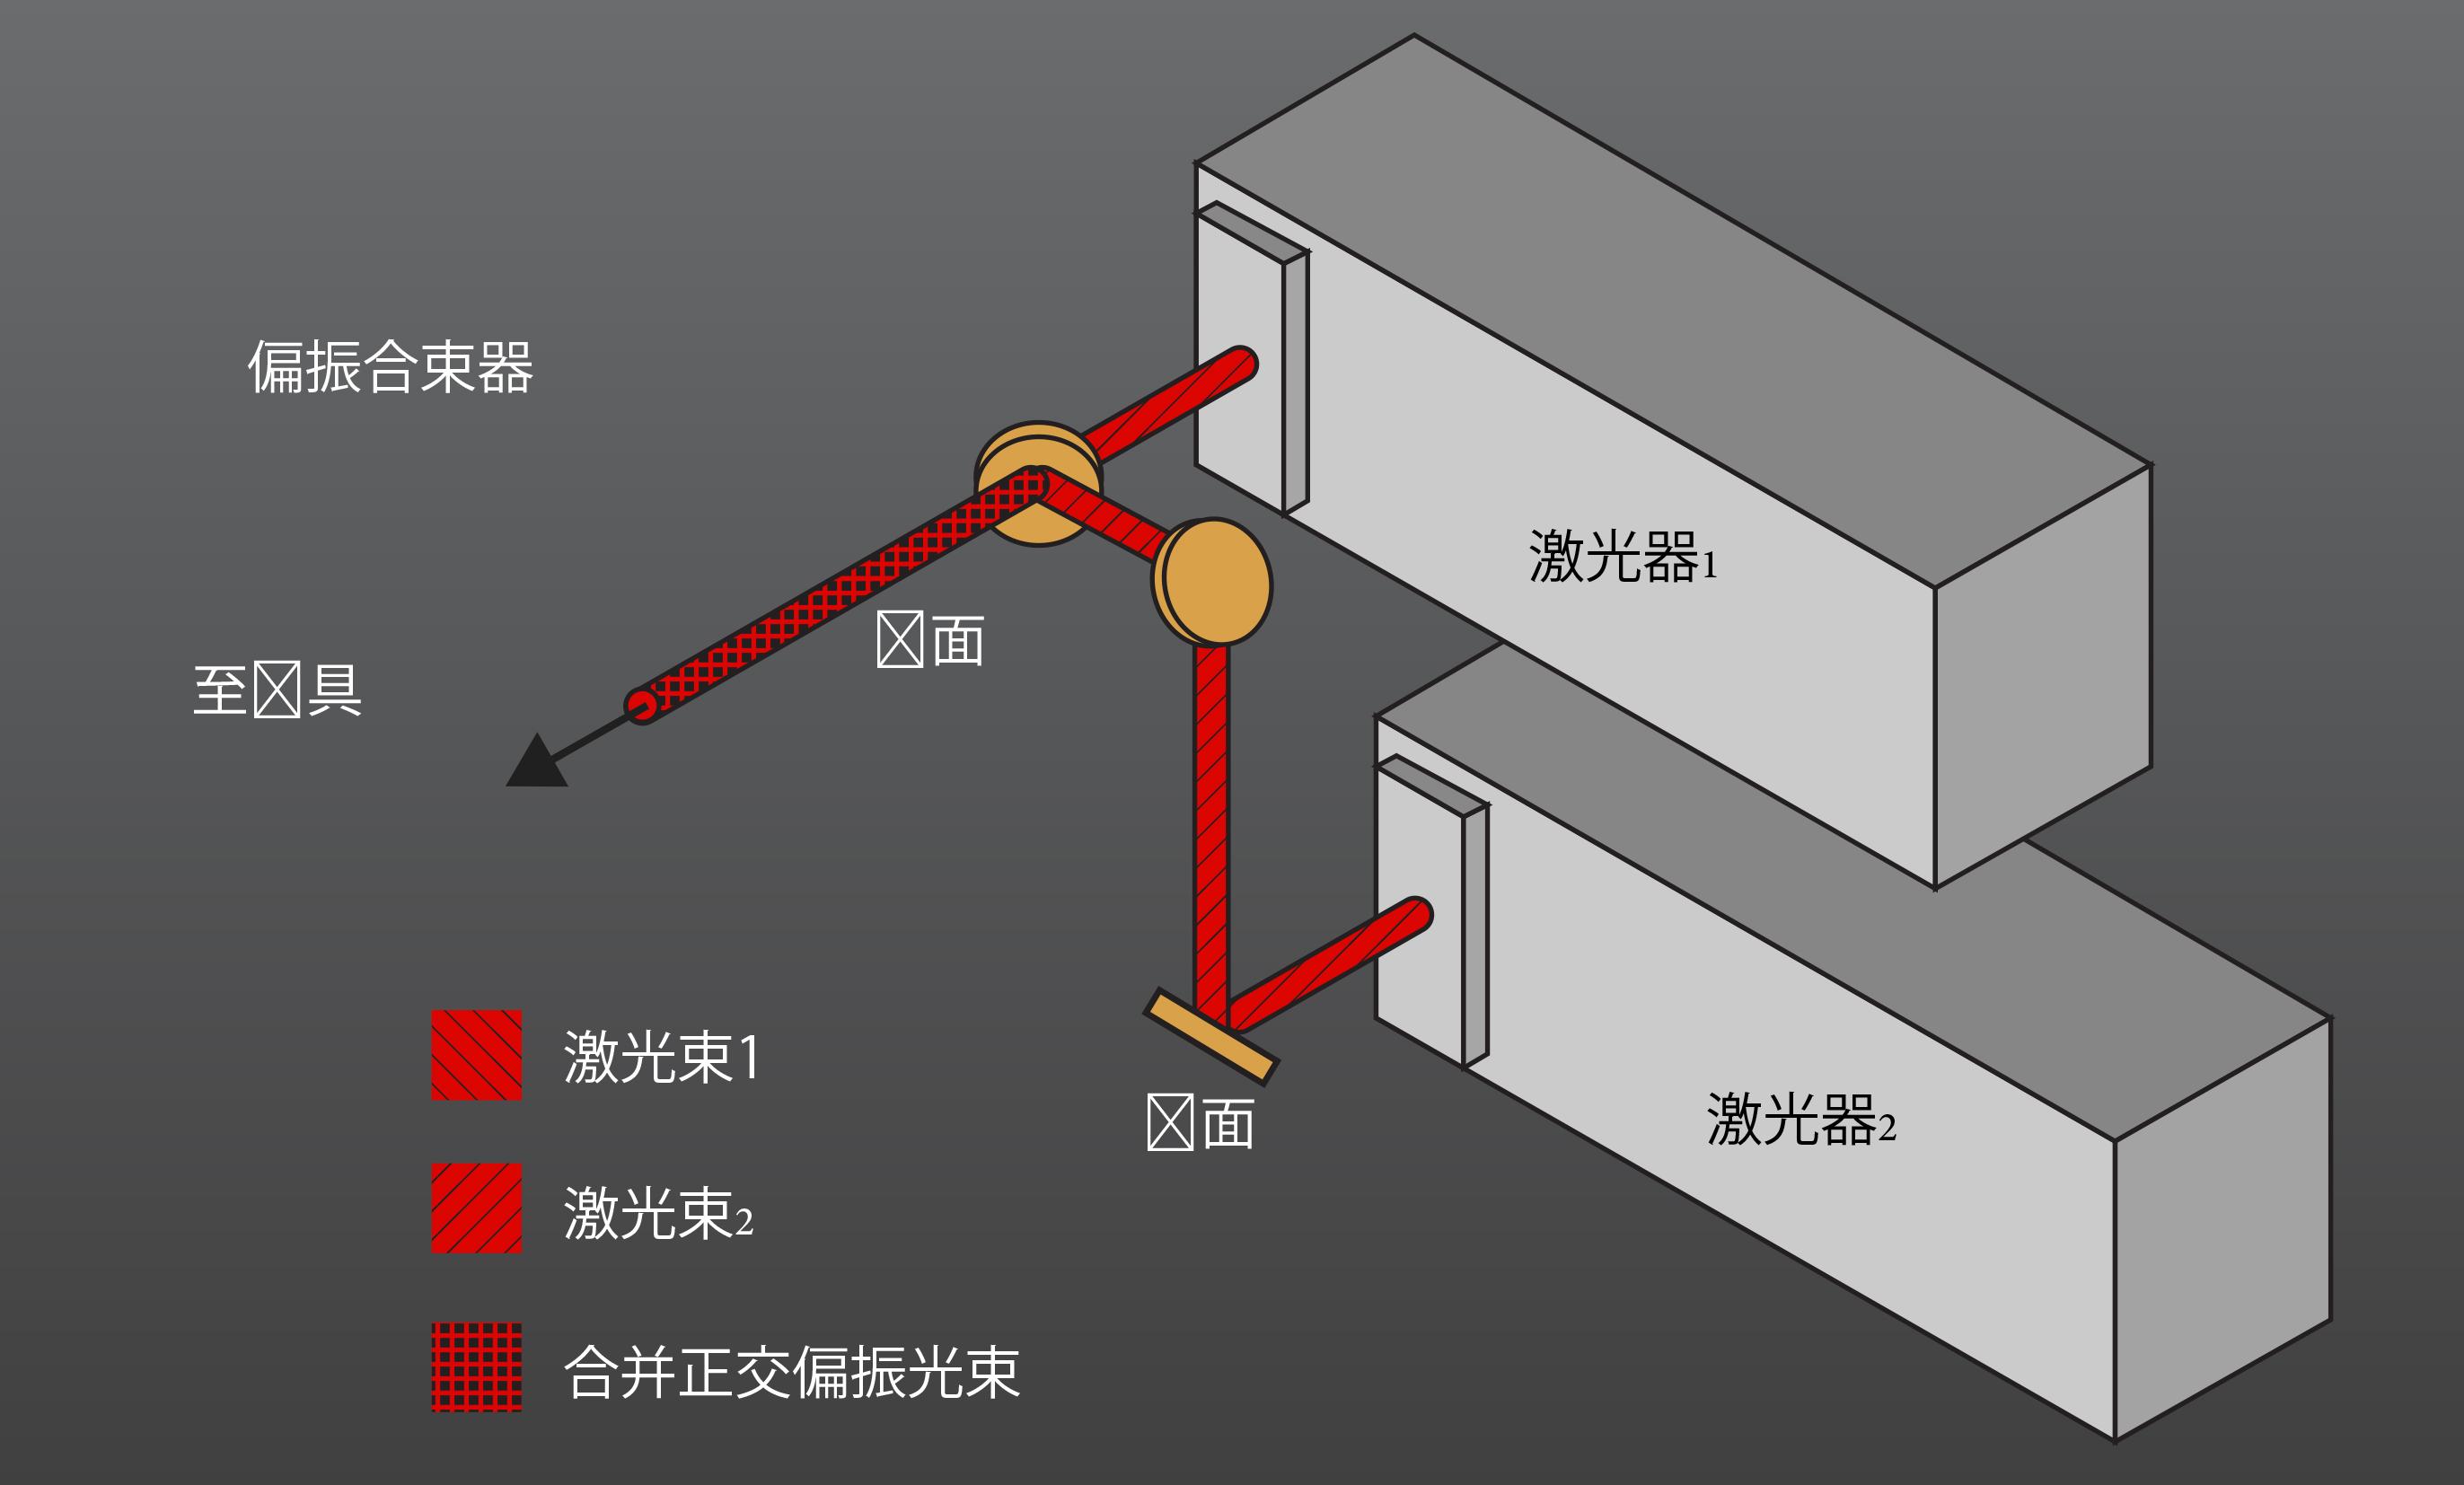 双激光器配置系统